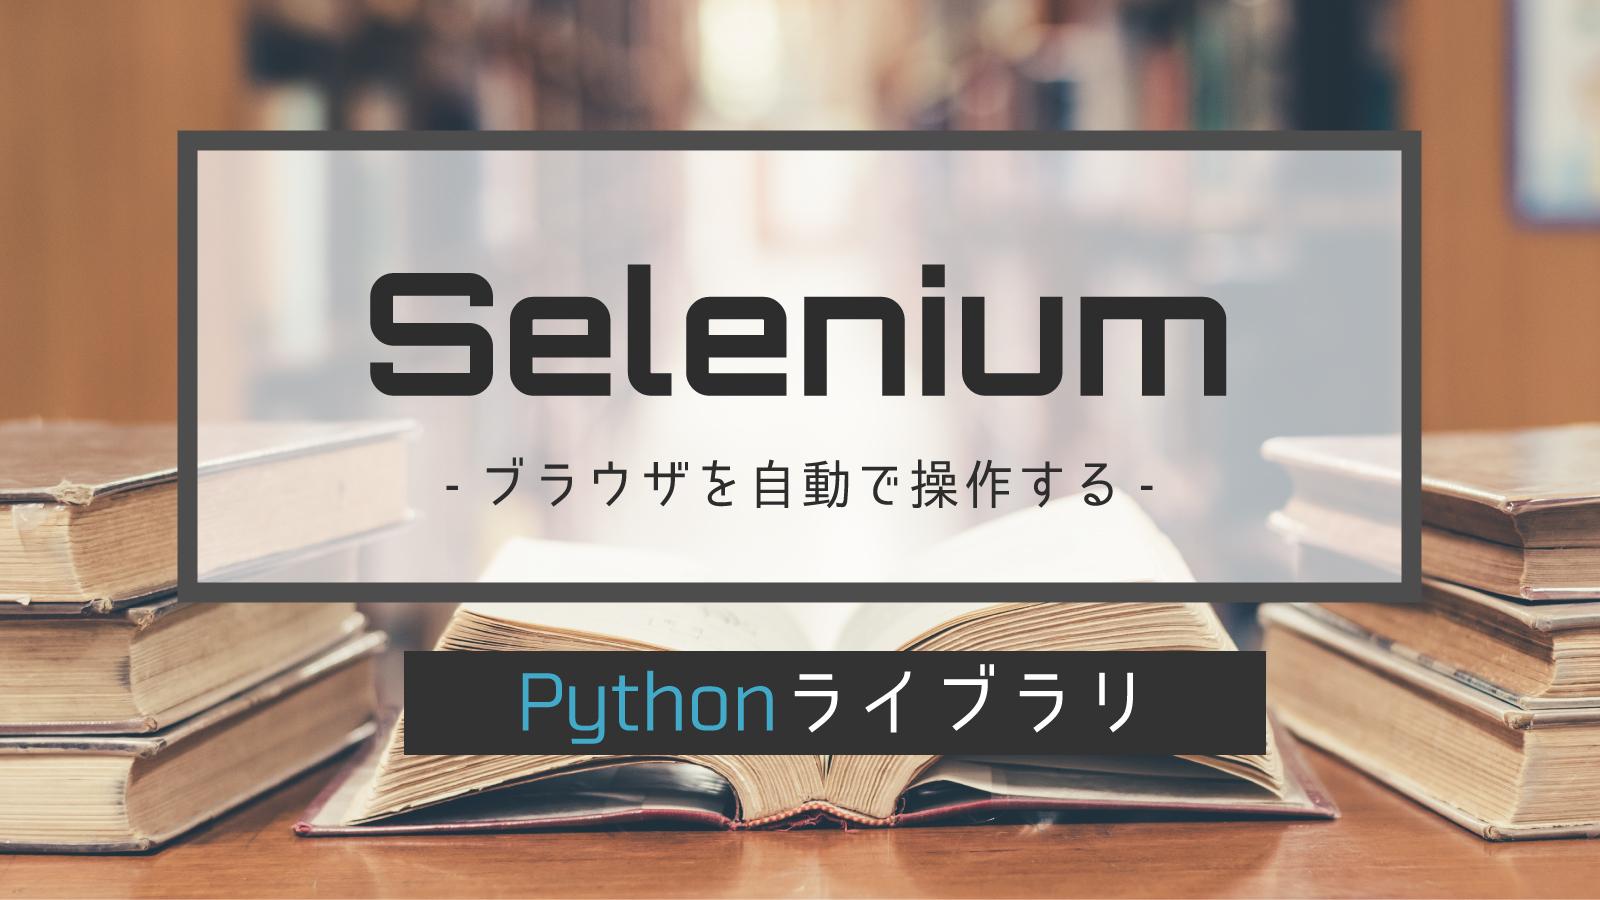 【完全版】PythonとSeleniumでブラウザを自動操作(クローリング/スクレイピング)するチートシート